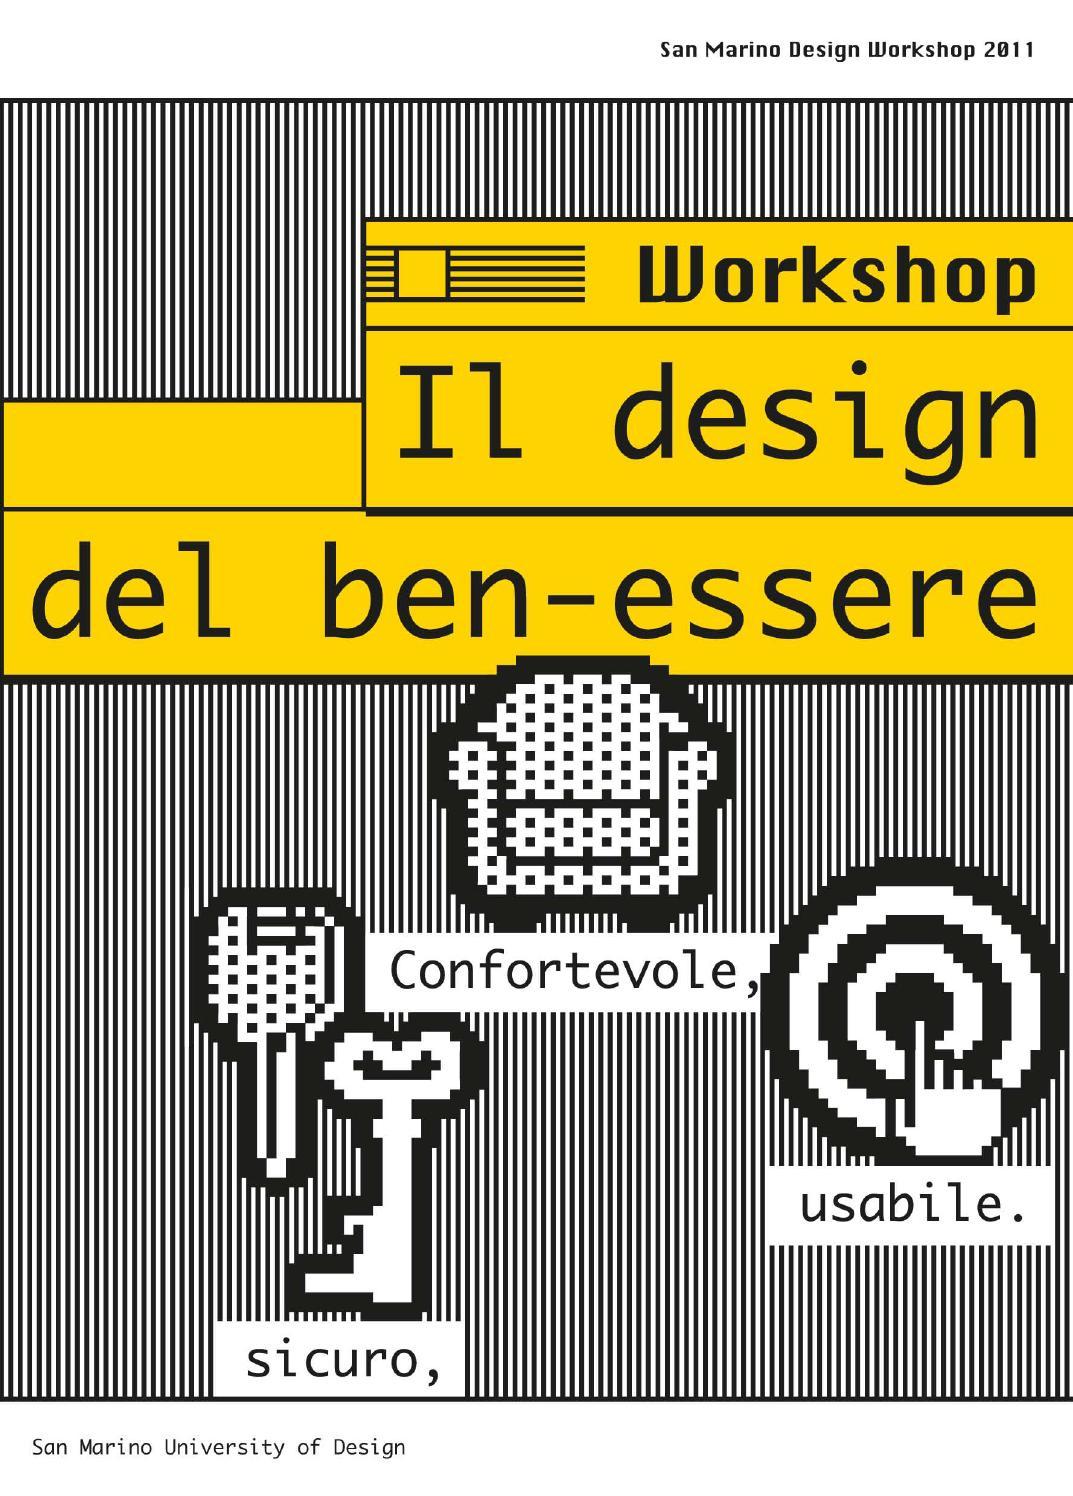 Dimensionamento Pergolato In Legno il design del ben-essere by unirsm design - issuu